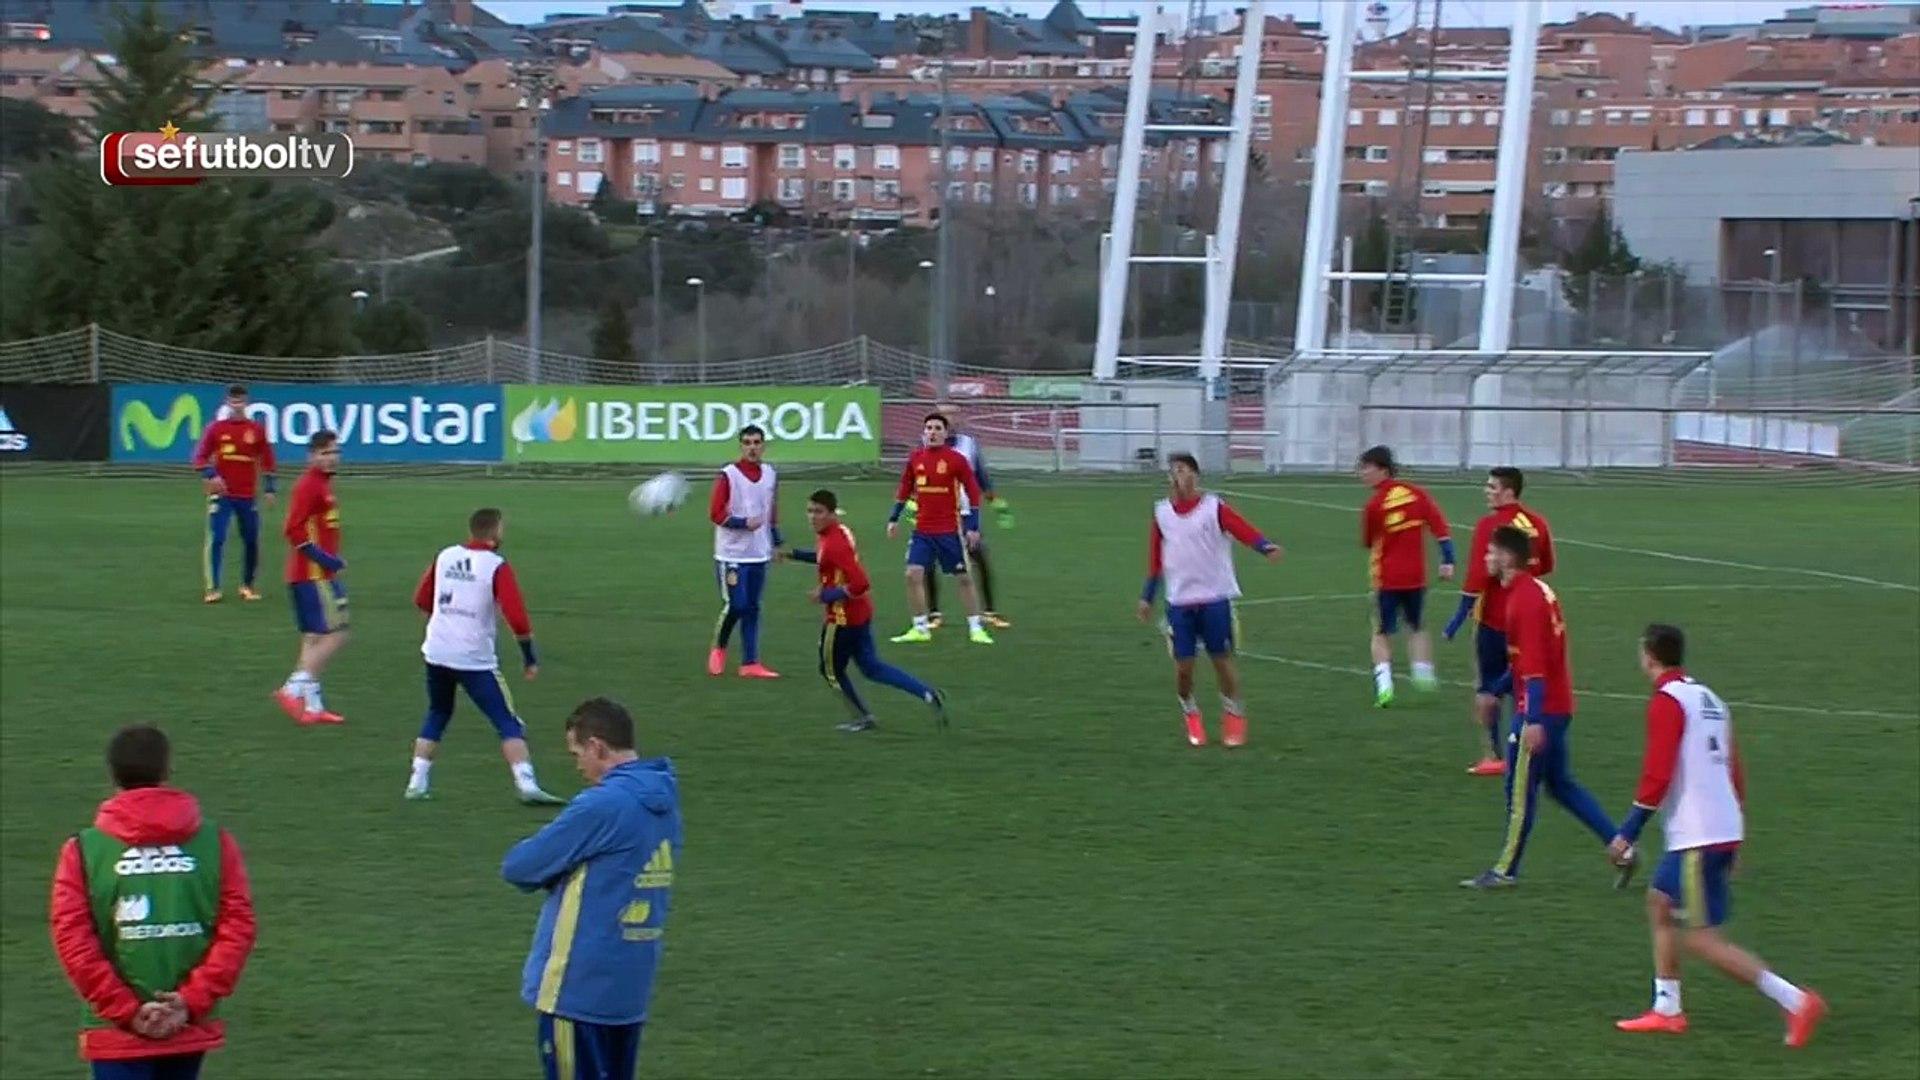 Gerard Deulofeu Scores Brilliant Solo Goal In Spain Under-21 Training